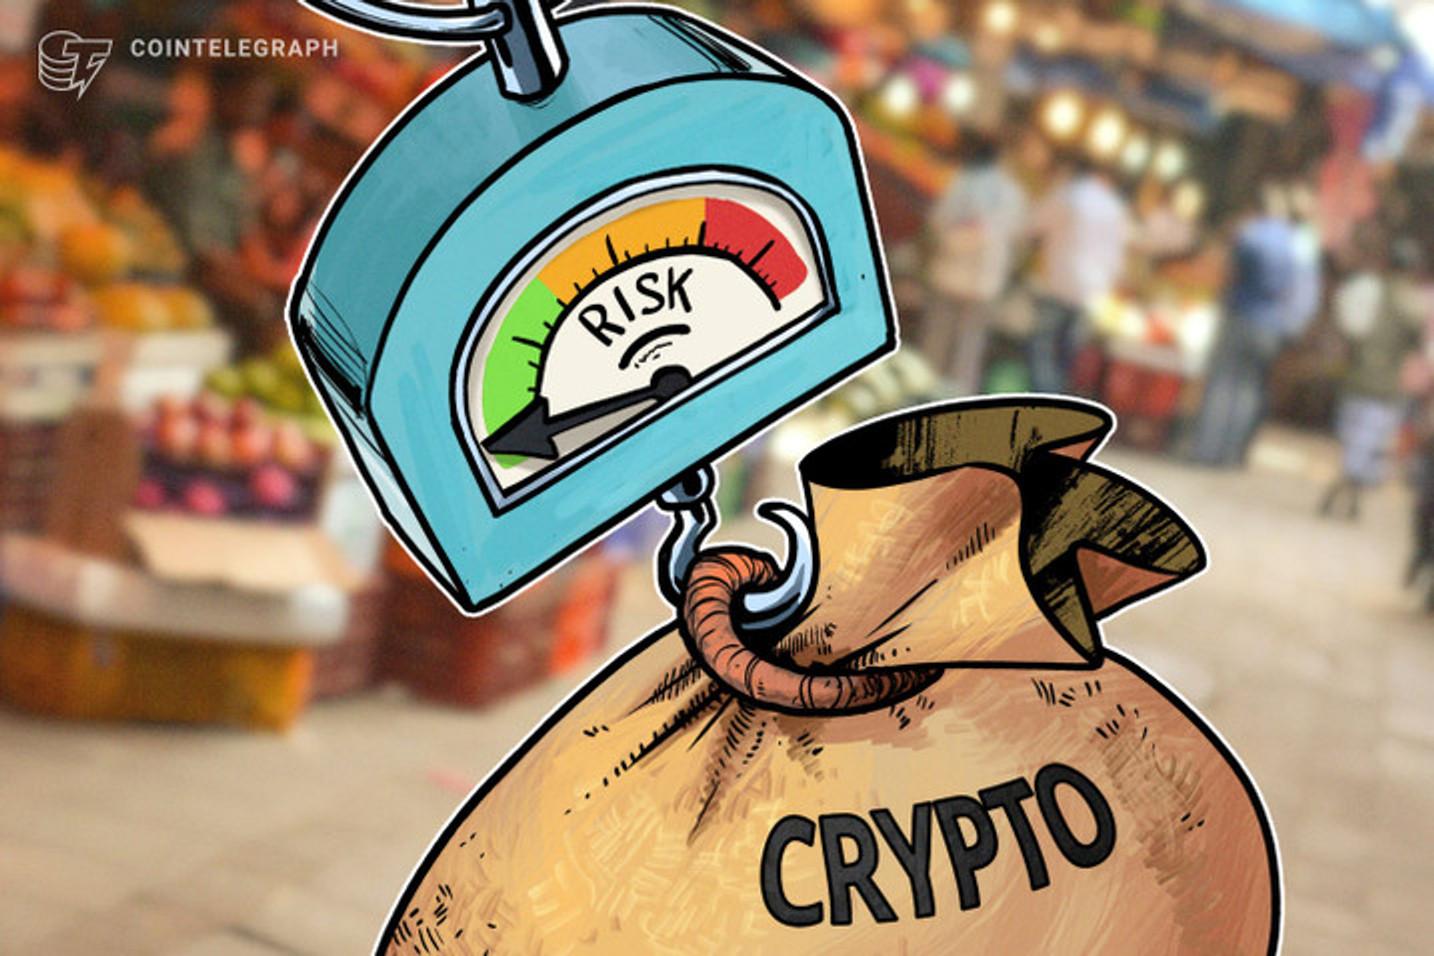 Tras el comunicado de Banco de España y la CNMV, desde Coinmotion recordaron que también hay productos de riesgo en el mercado tradicional